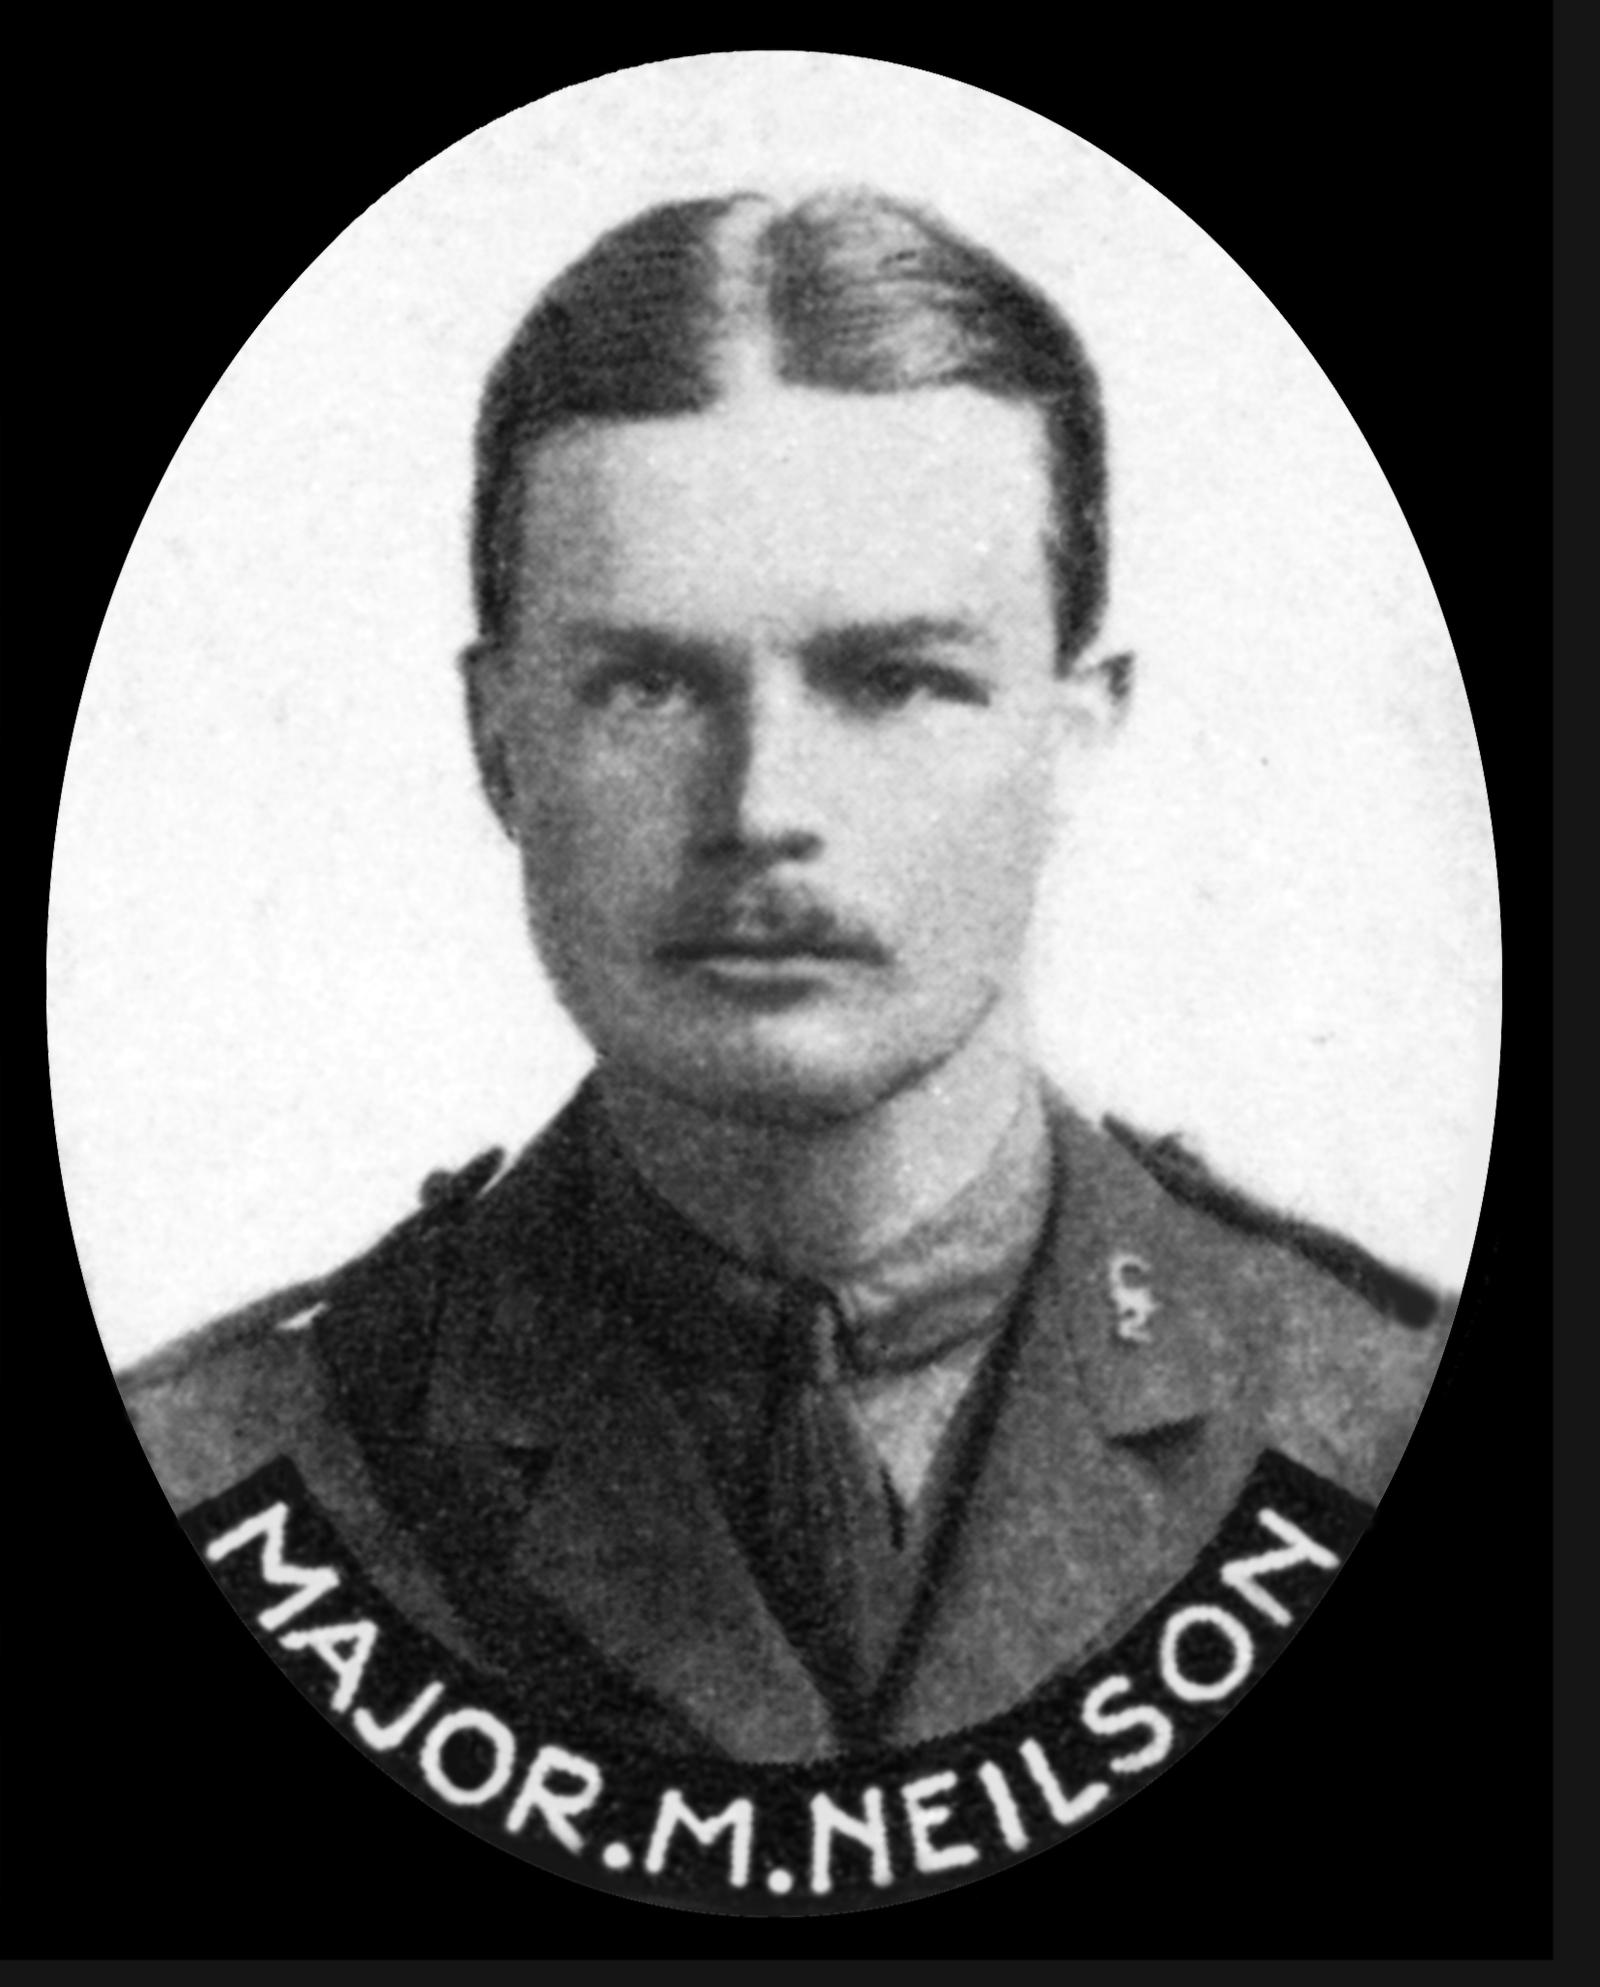 NEILSON Malcolm Arthur